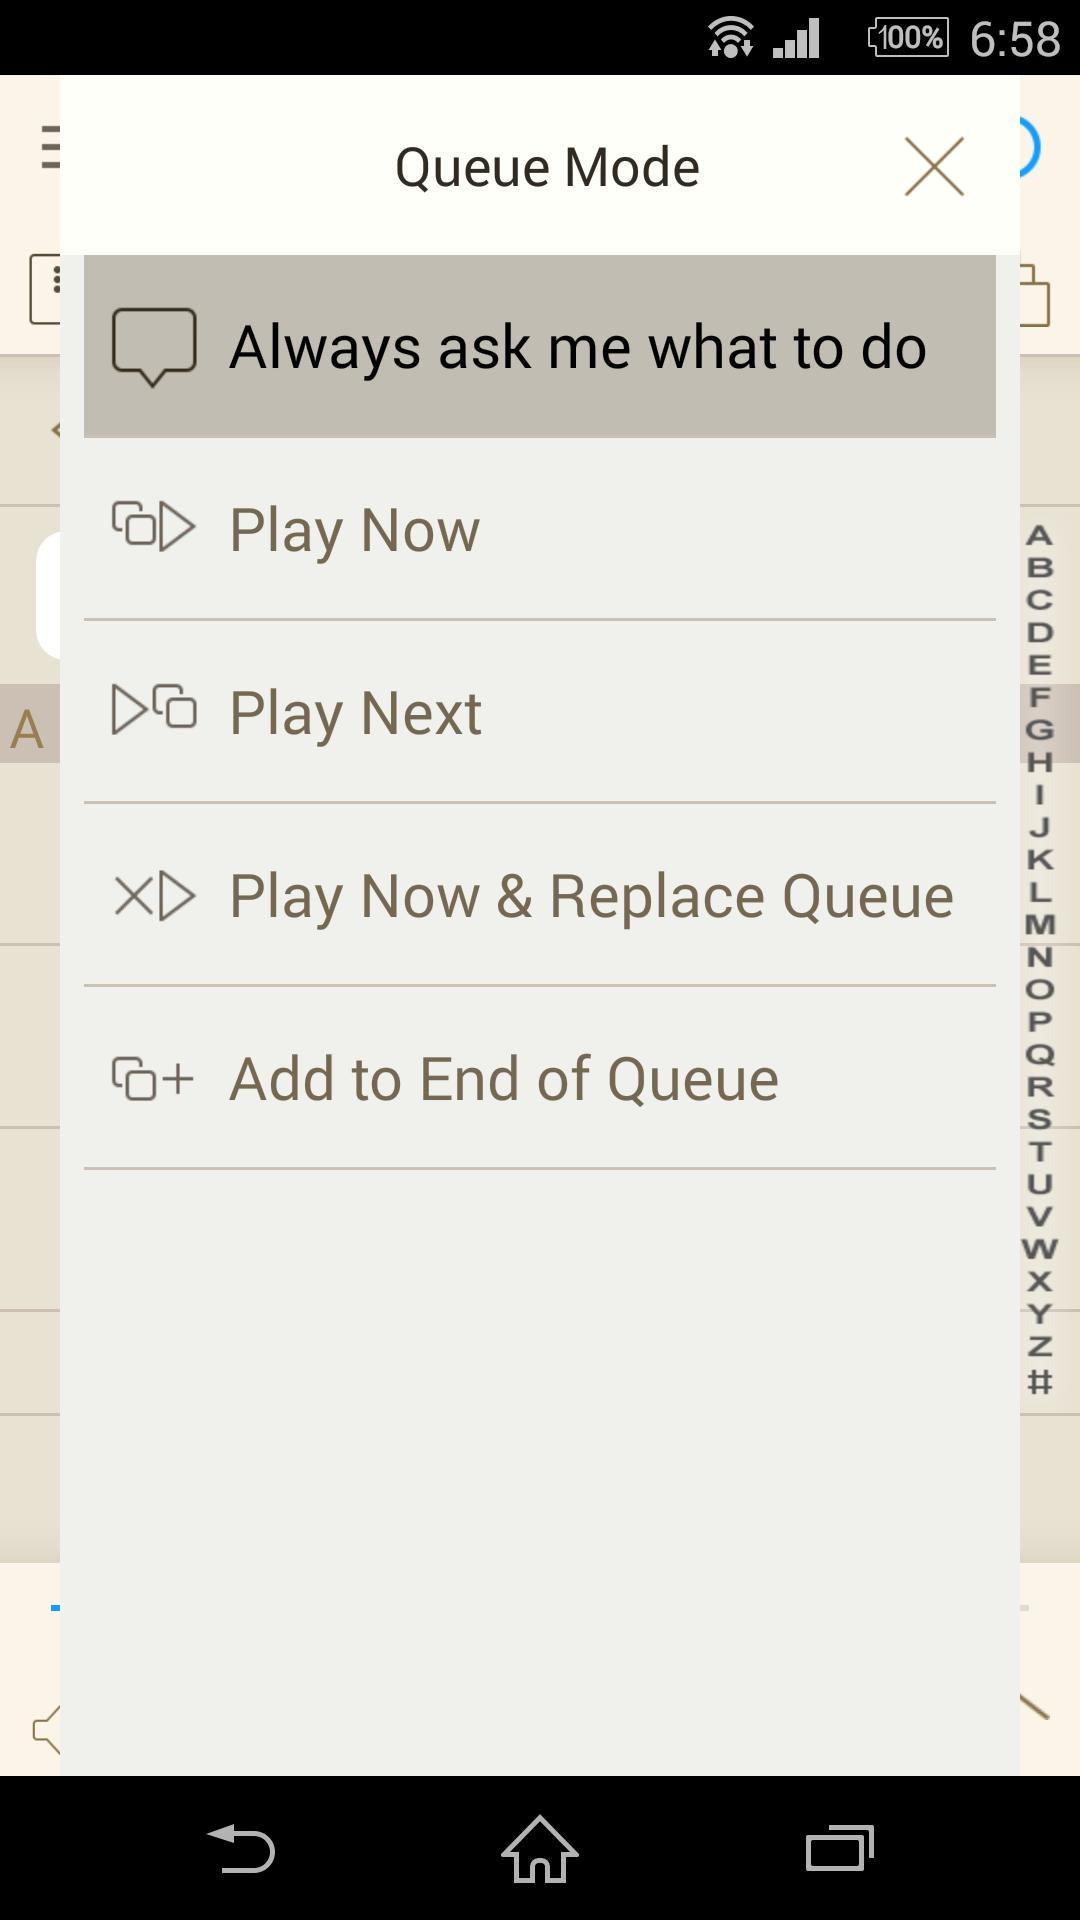 Marantz Hi Fi Remote For Android Apk Download